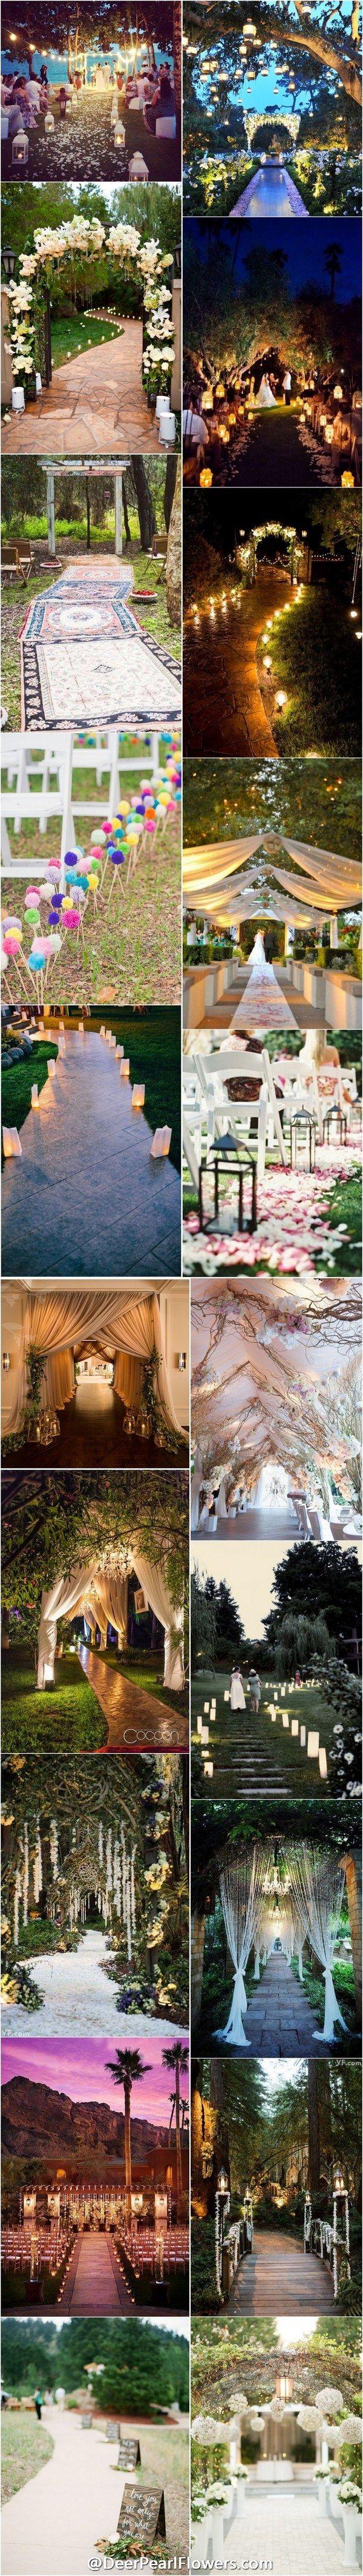 Unique wedding ideas  - Wedding Entrance Walkway Decor Ideas / http://www.deerpearlflowers.com/wedding-entrance-walkway-decor-ideas/